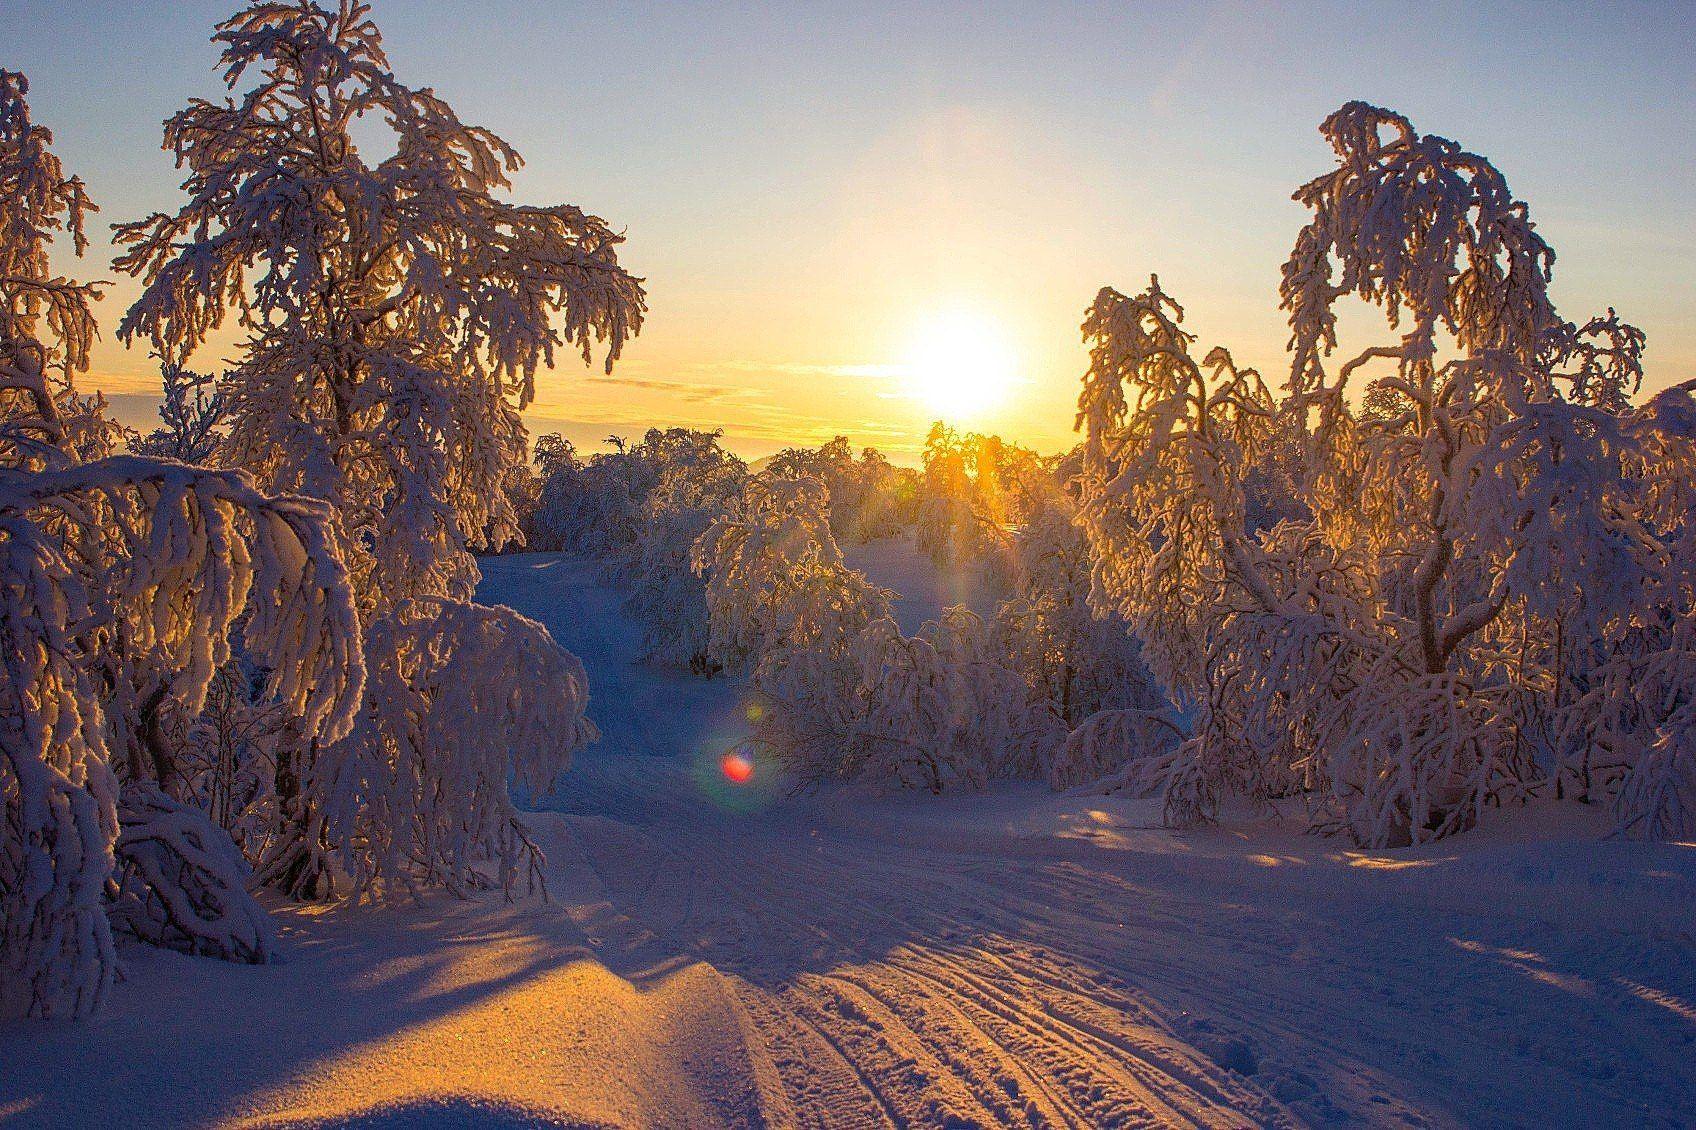 сопки, природа, солнце, снег, сугробы, дорога, север, небо, пейзаж, мороз, Салтыкова Алёна